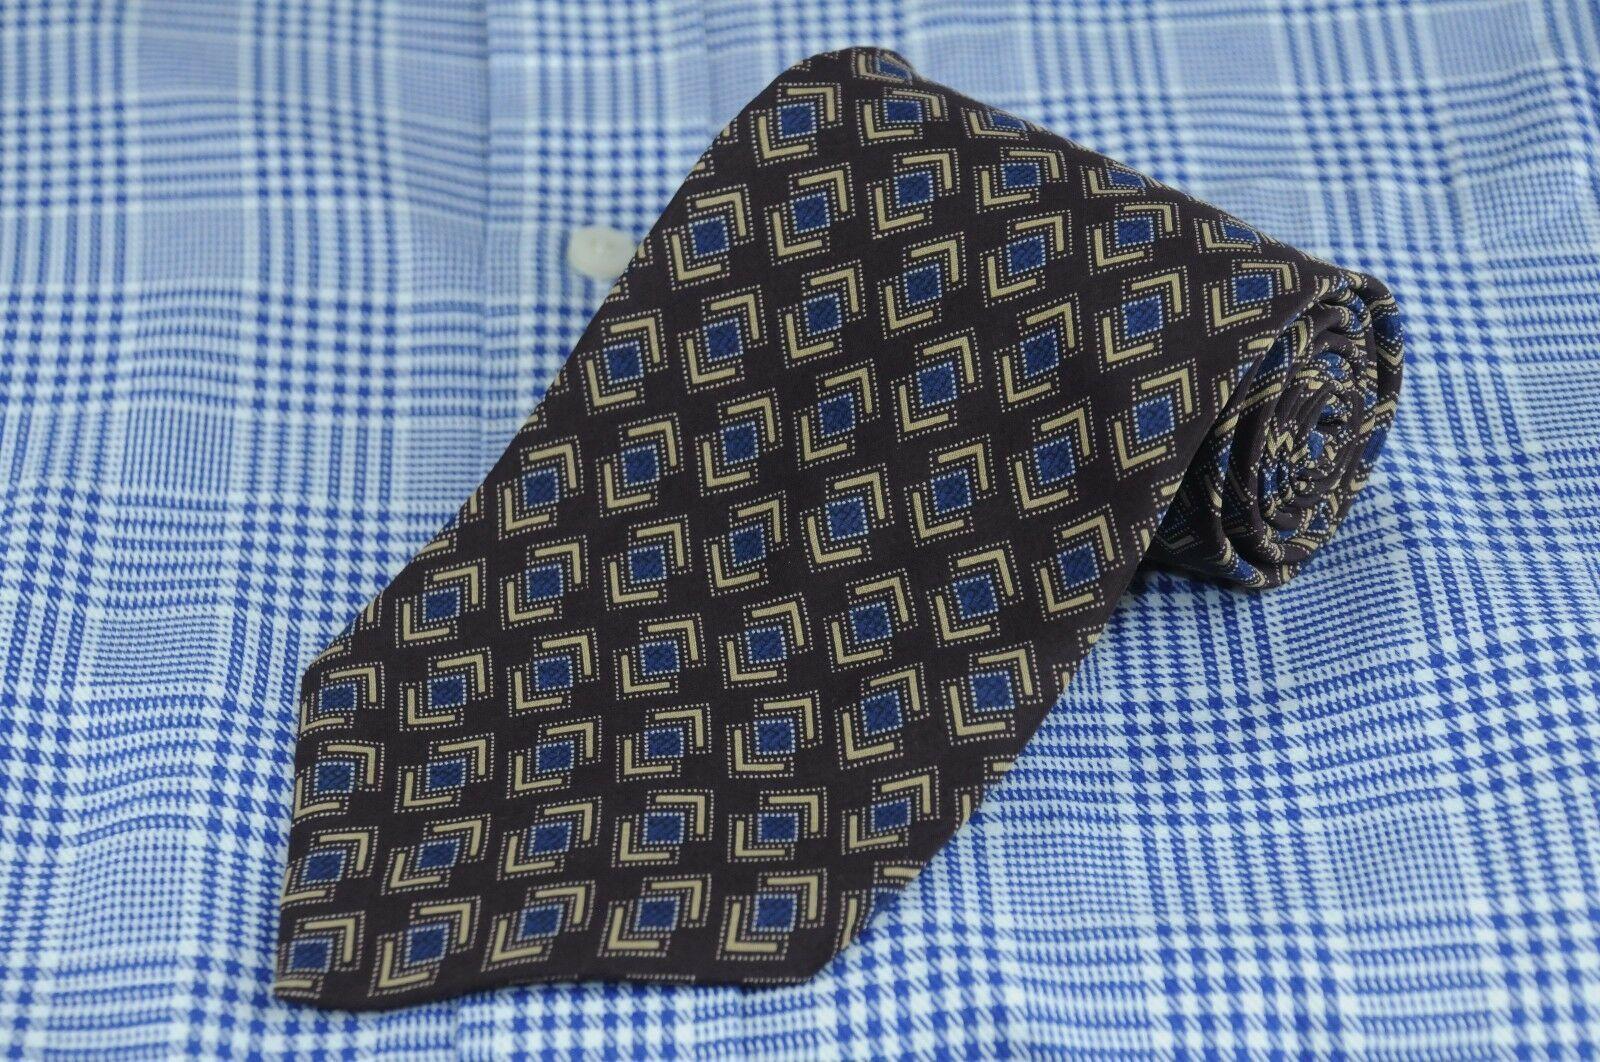 Kenneth Cole Men's Tie Eggplant Blue & Gold Printed Silk Necktie 56 x 4 in.